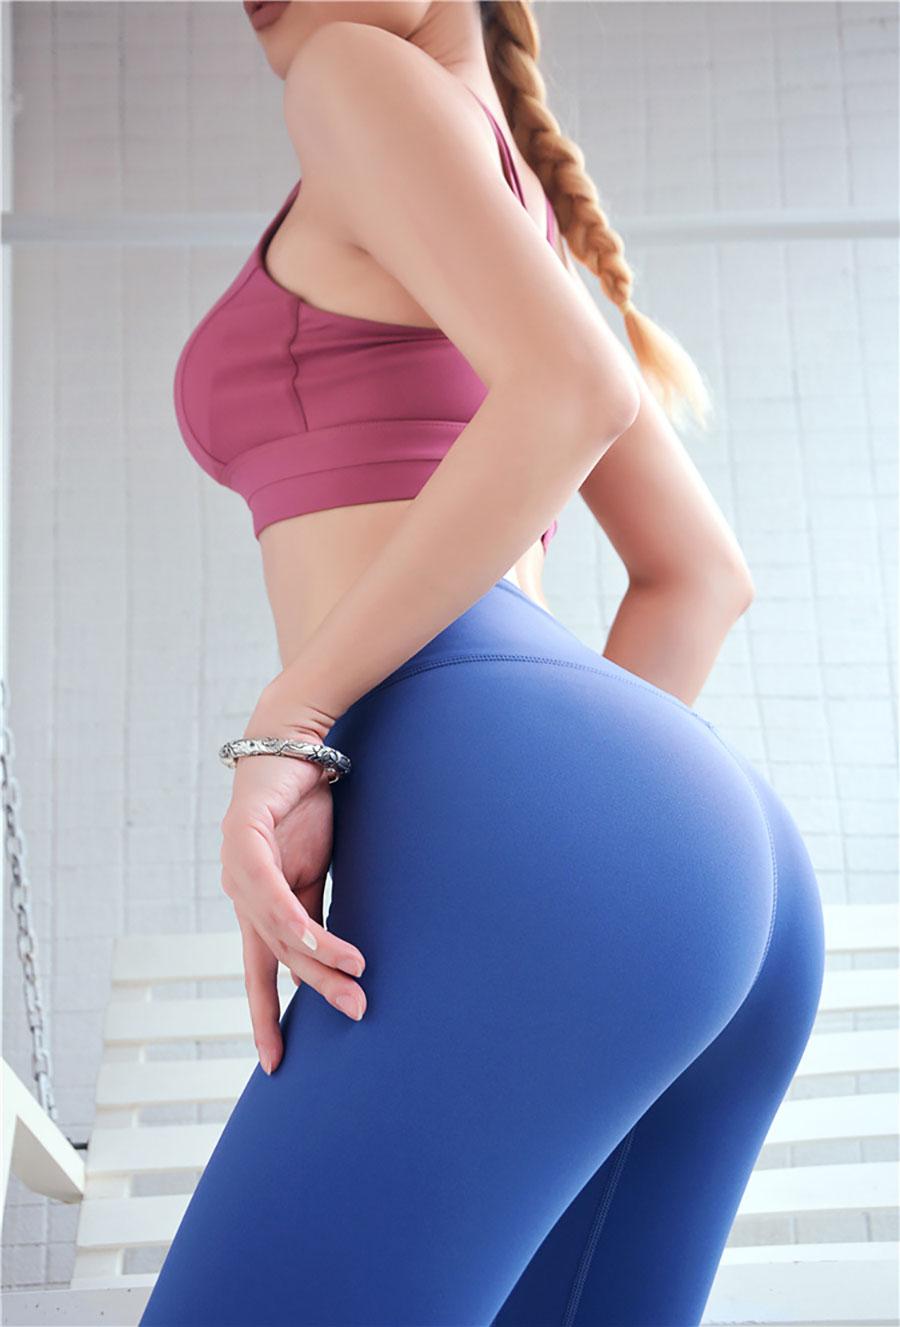 Quần được thiết kế dành cho thể thao nên có độ dày vừa phải, bó cơ tốt, mang lại cảm giác thoải mái cho người mặc.